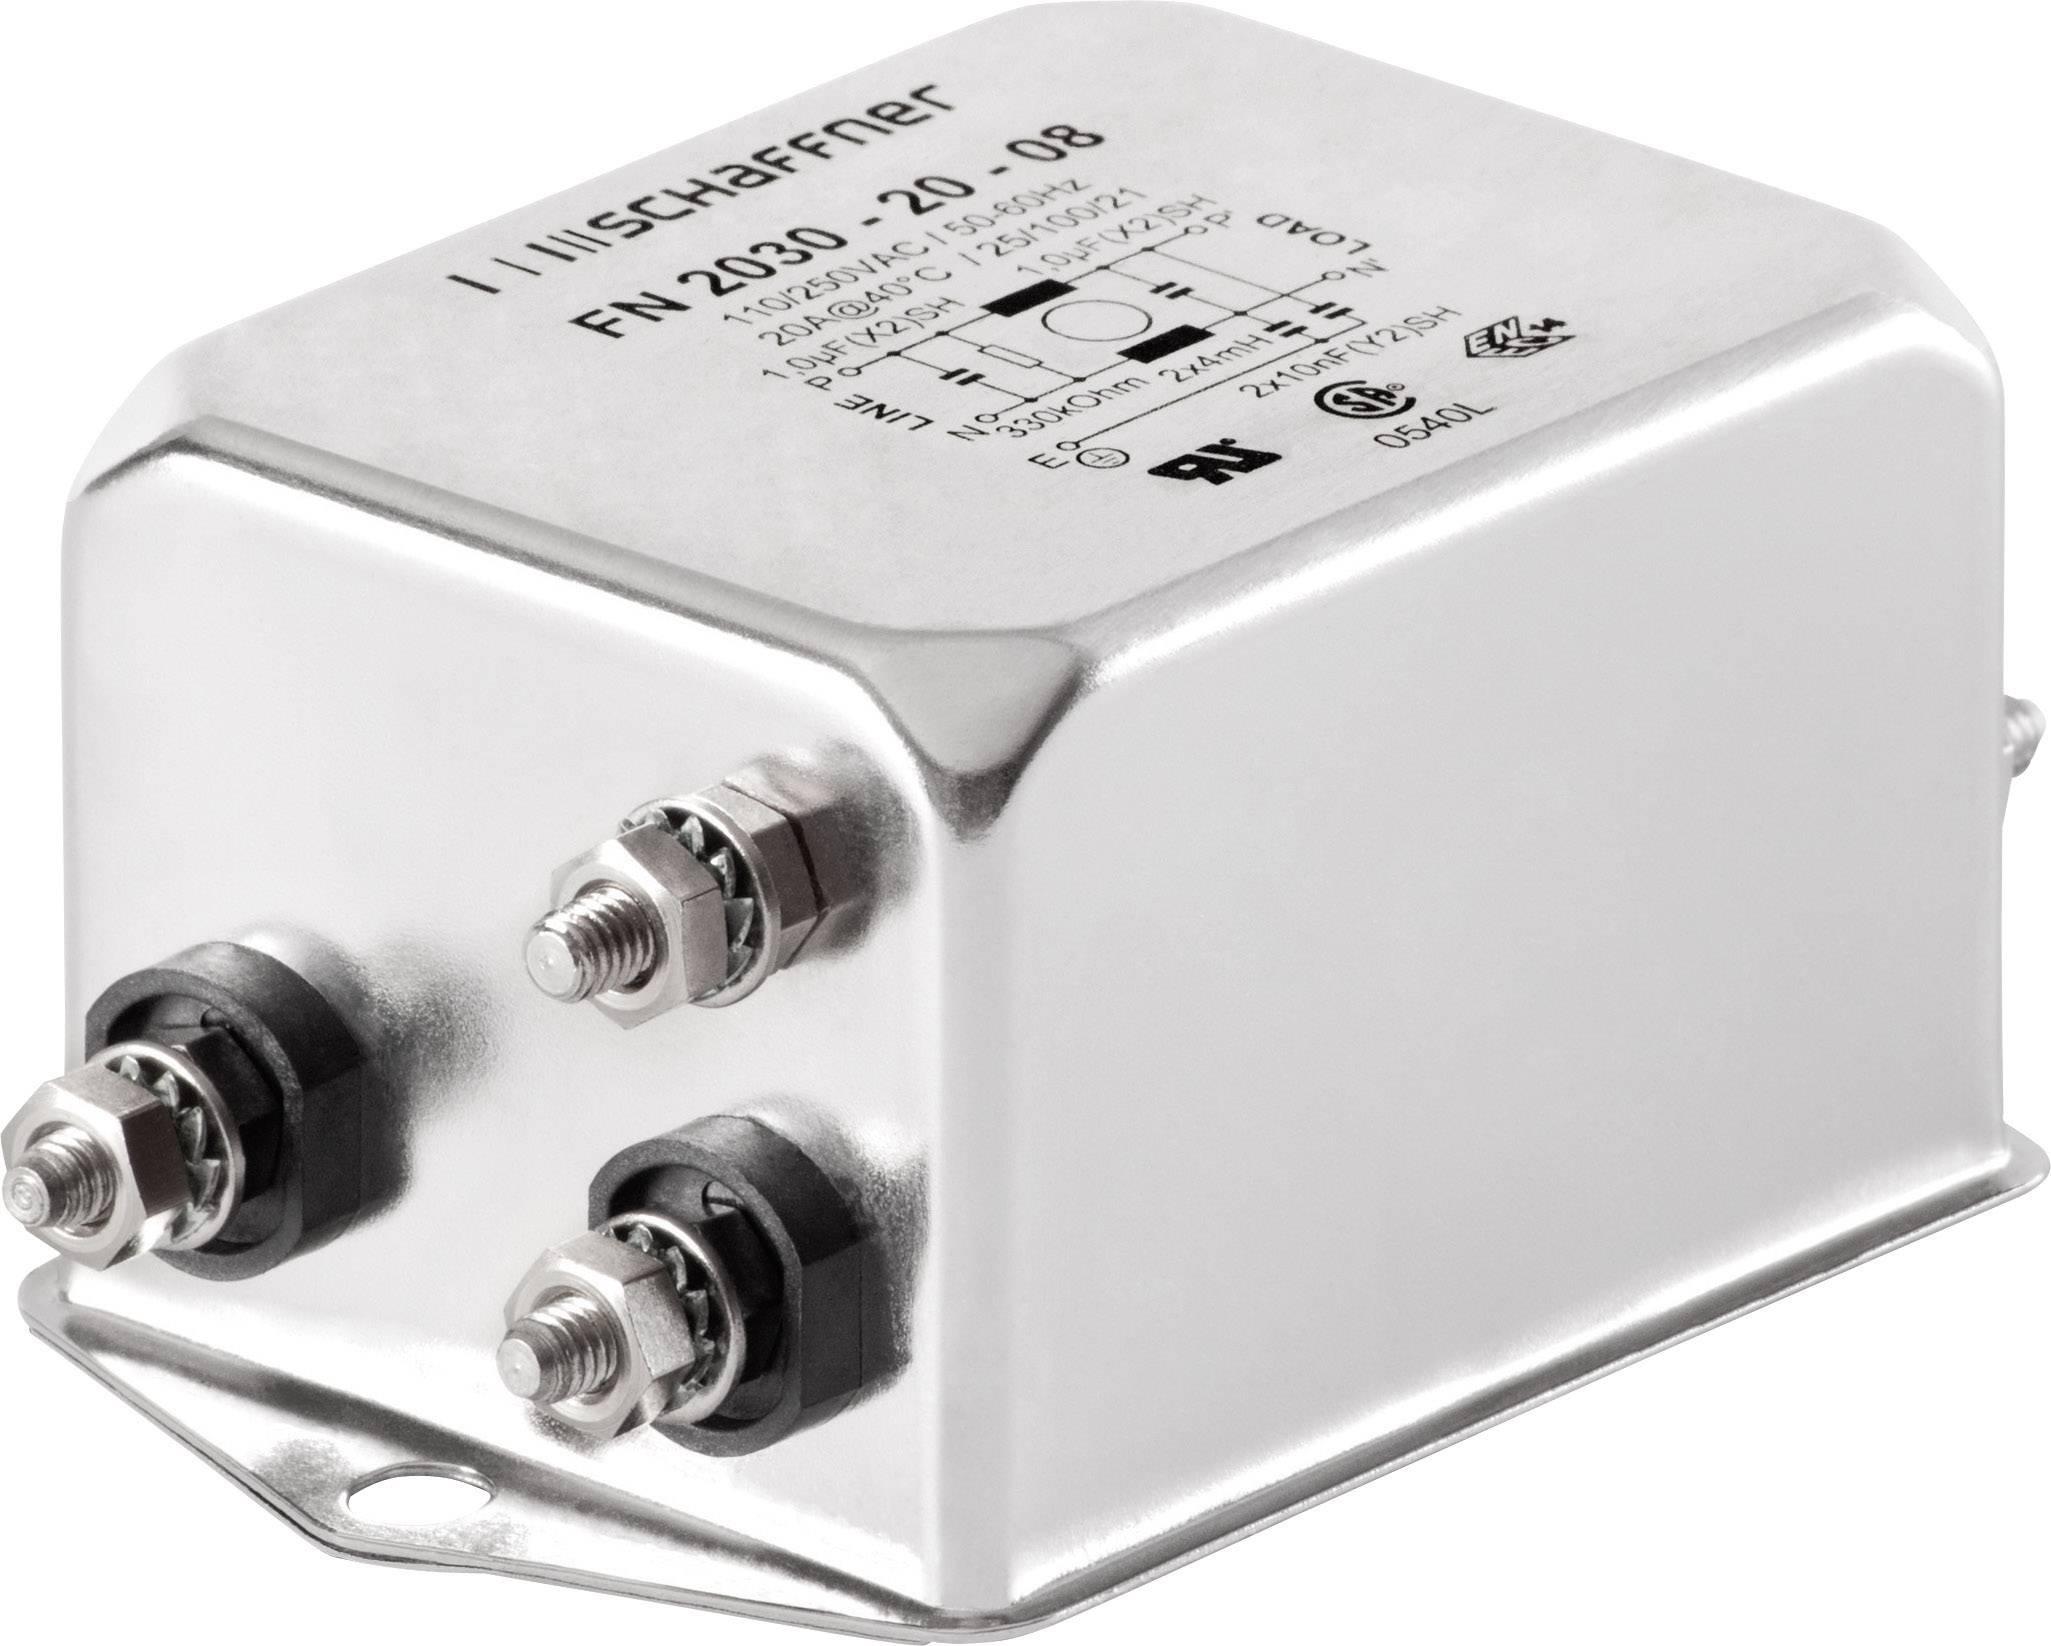 Odrušovací filter Schaffner FN2030-10-06 FN2030-10-06, 250 V/AC, 10 A, 8 mH, (d x š x v) 85 x 54 x 30.3 mm, 1 ks